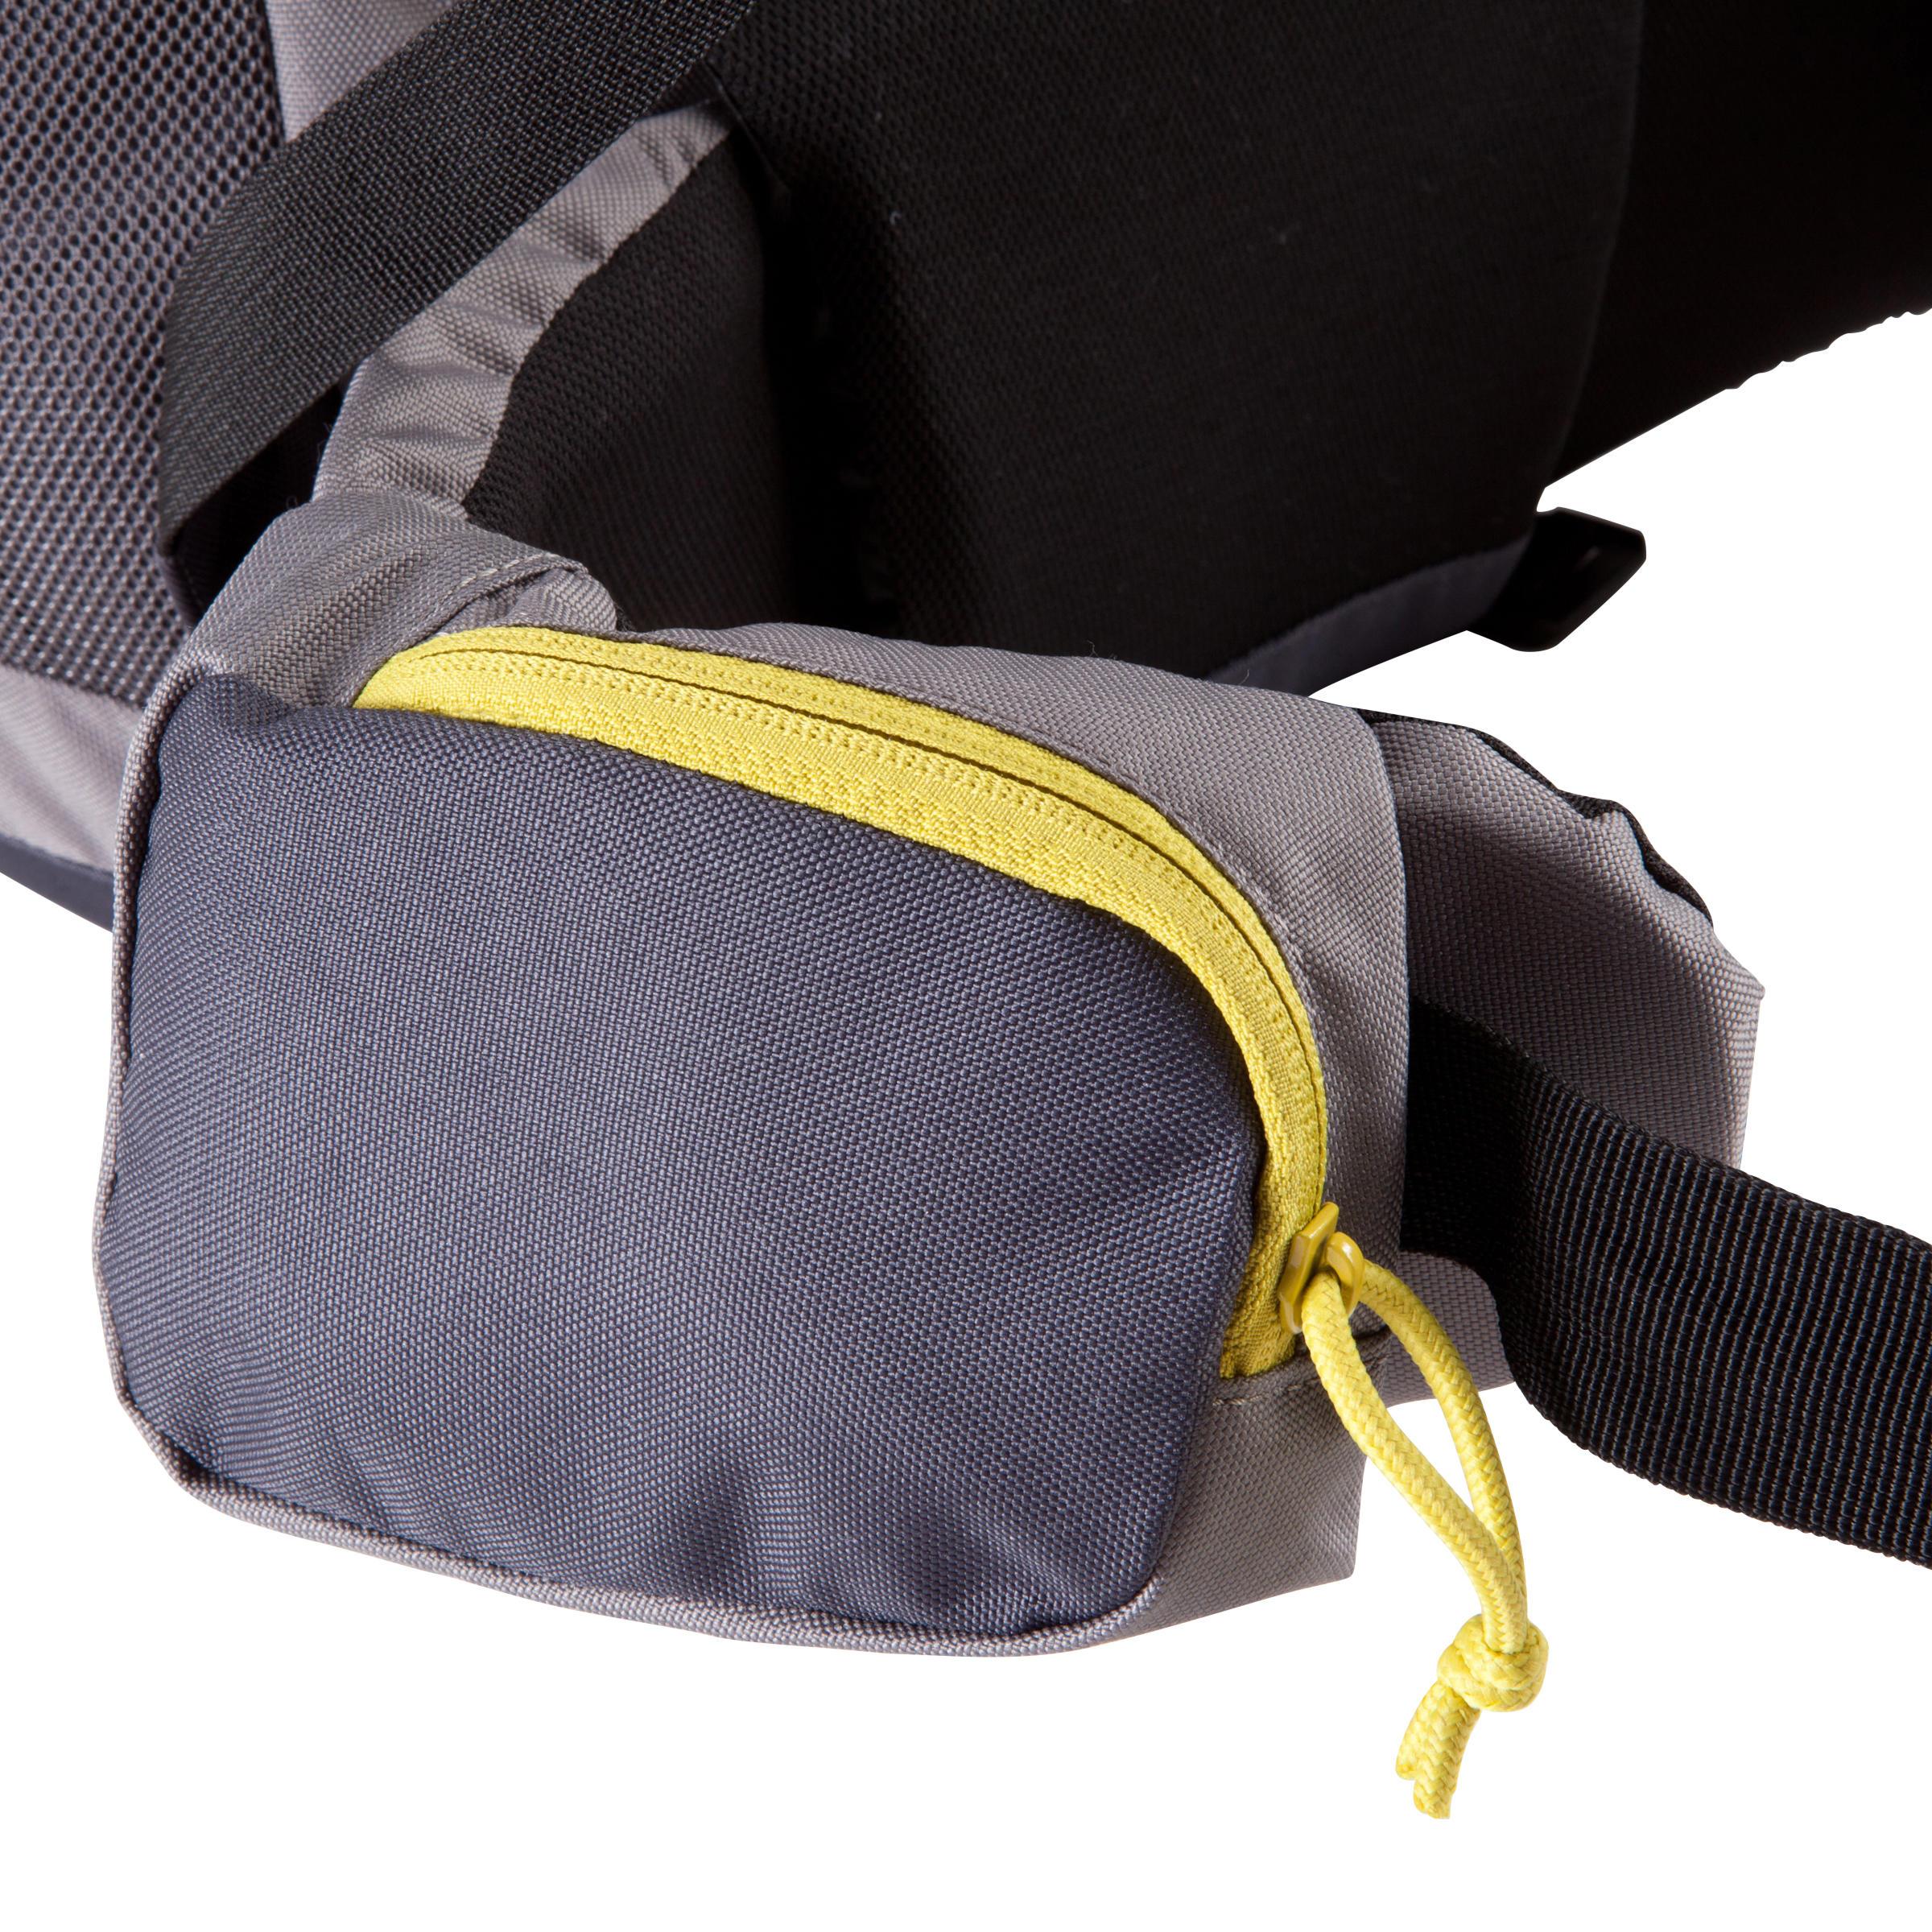 Forclaz 70-Litre Trekking Backpack - Grey